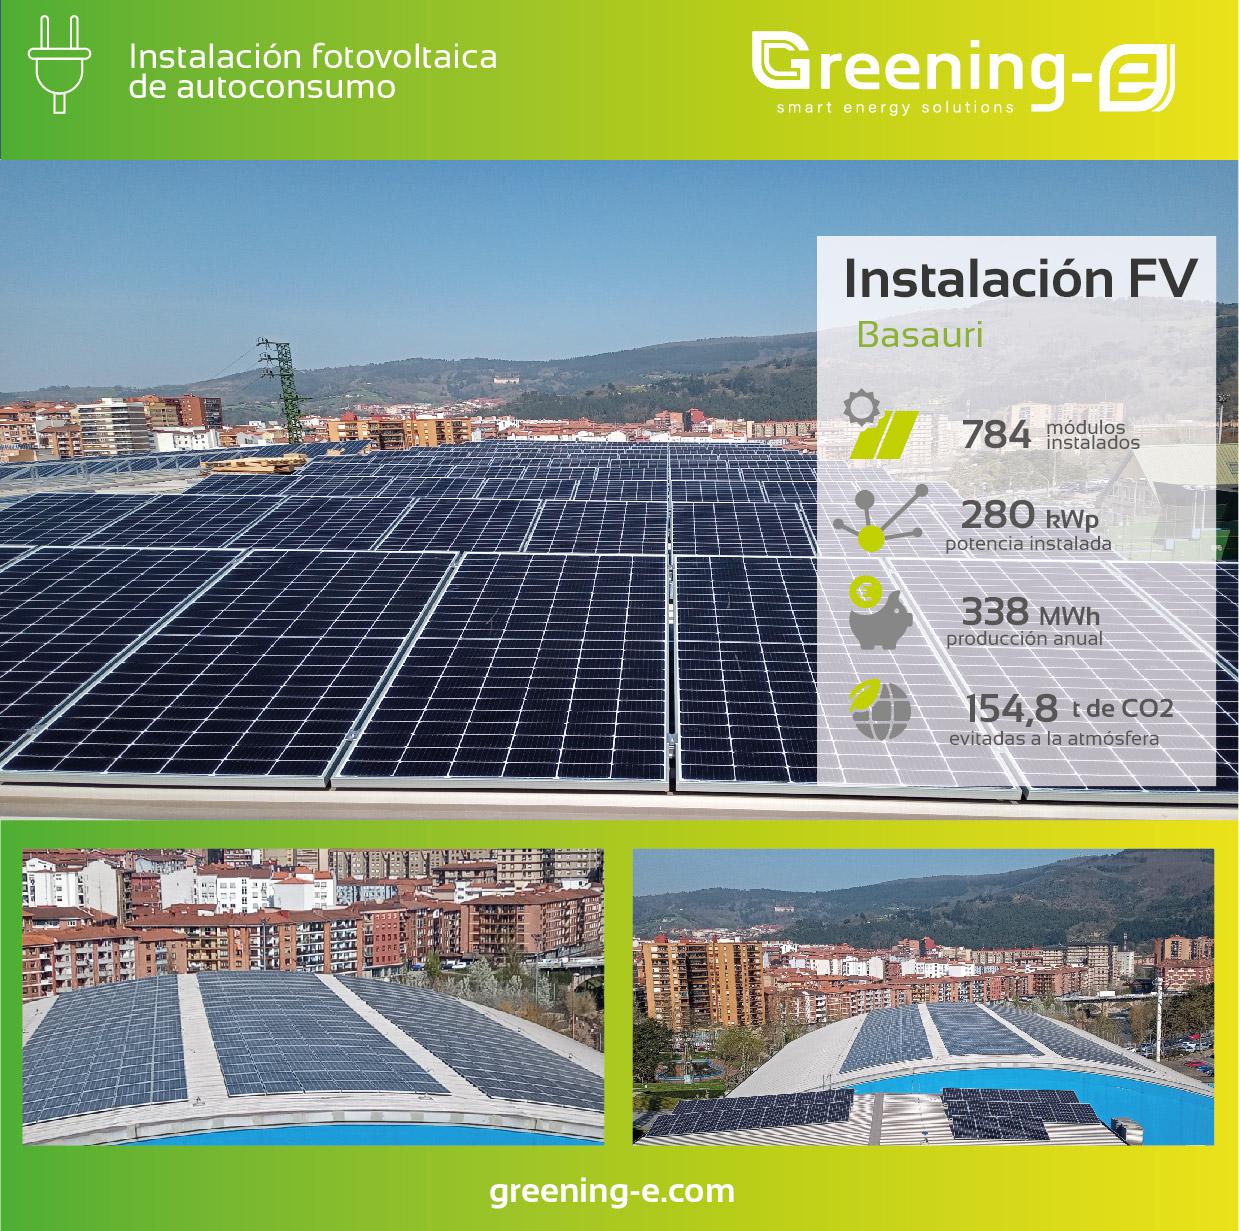 cifras de la instalación fotovoltaica realizada por Greening-e en Basauri